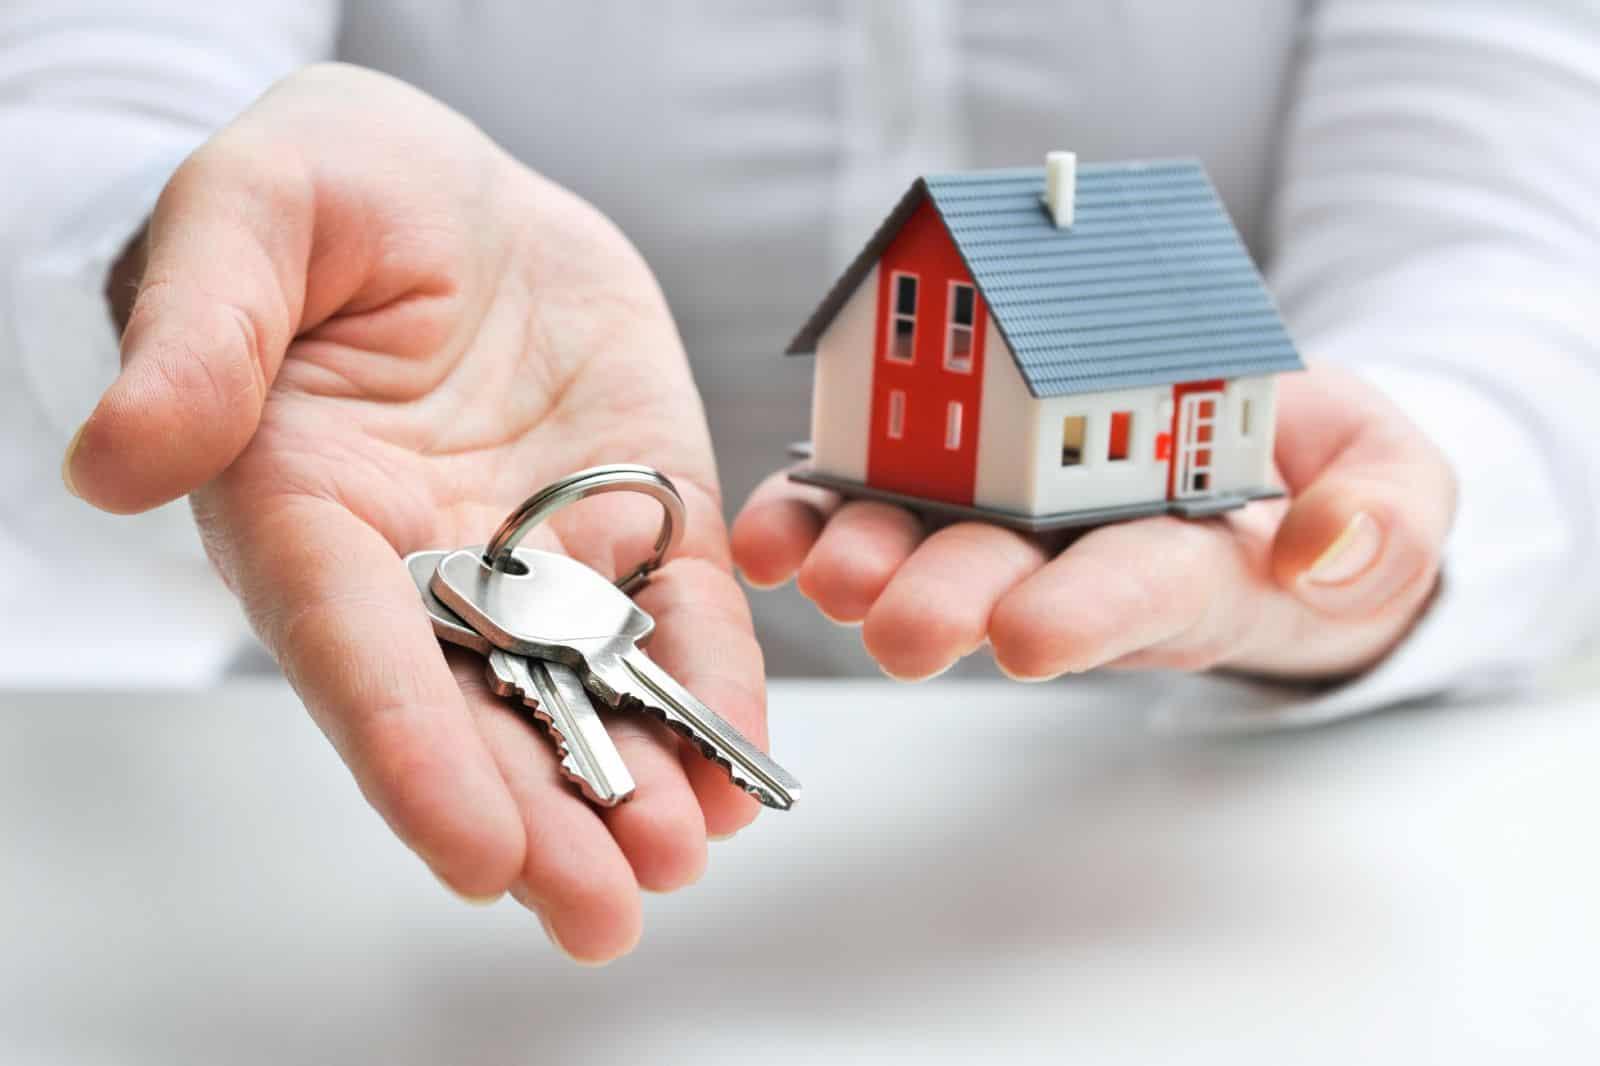 Право собственности на земельный участок и другие вещные права на землю в РФ: понятие и содержание, отказ и объекты права собственности